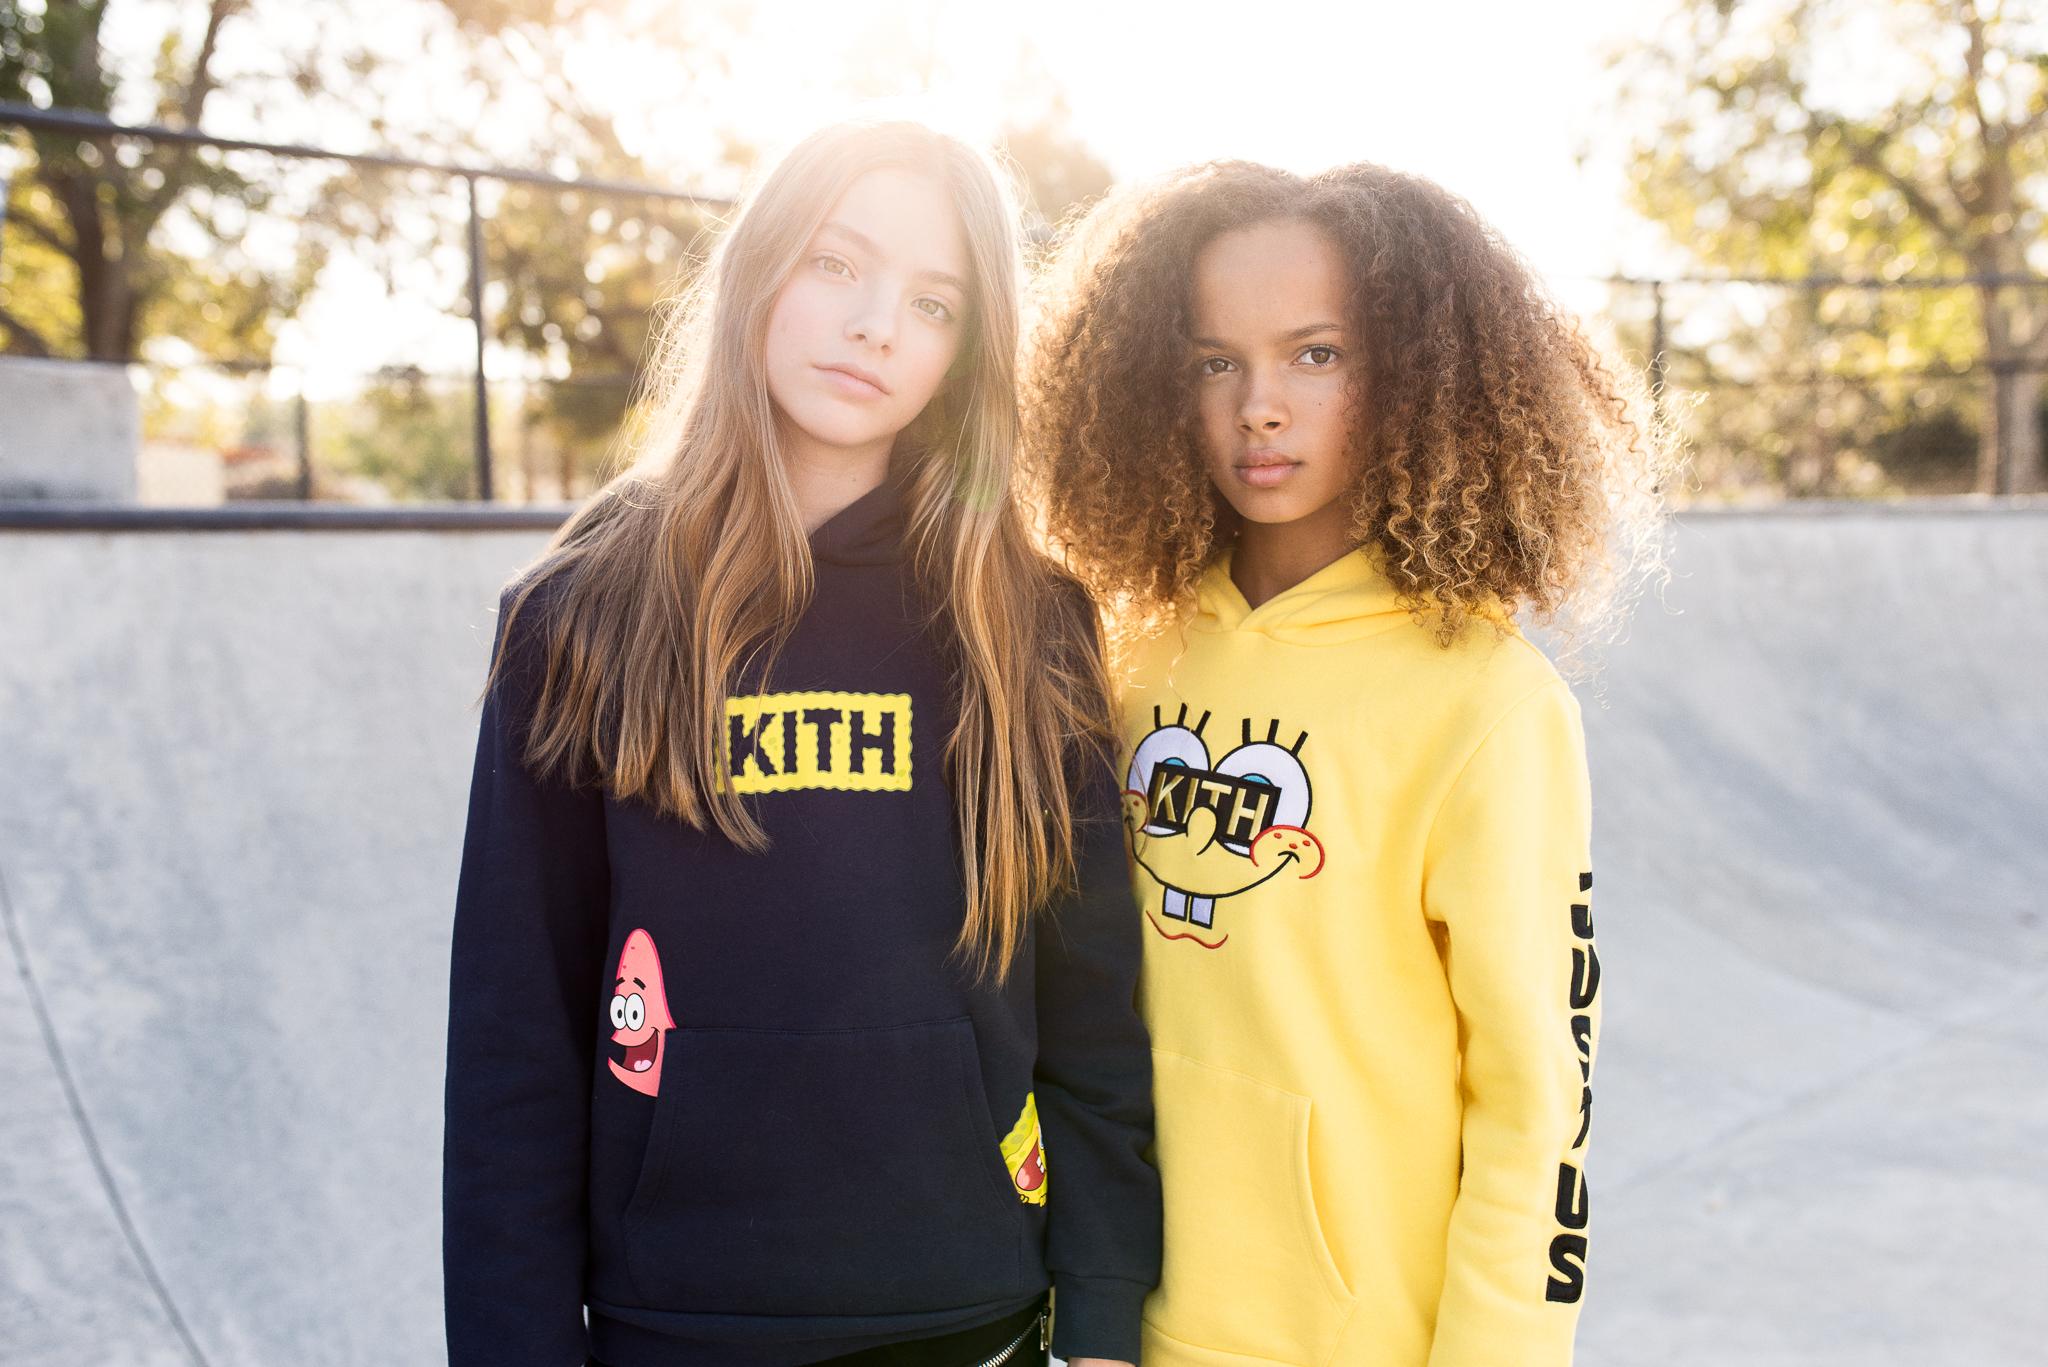 Isabel & Maddie - Nick Pecori - Kith Kidset - Spongebob Squarepants - 9.jpg